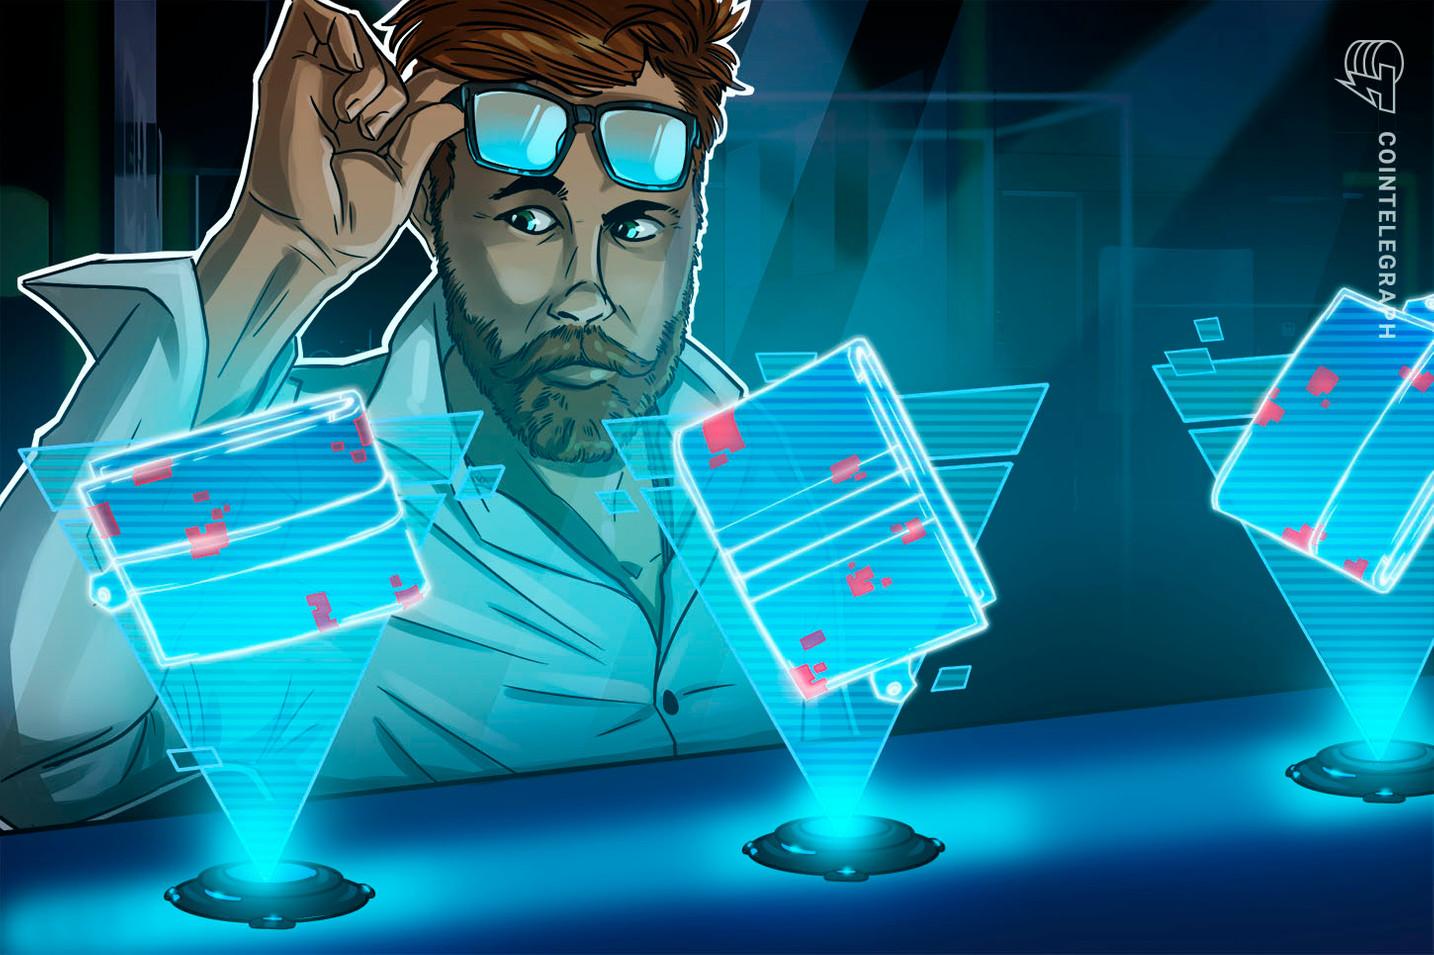 Ledger revela cinco vulnerabilidades reportadas en dos modelos de billeteras de hardware Trezor